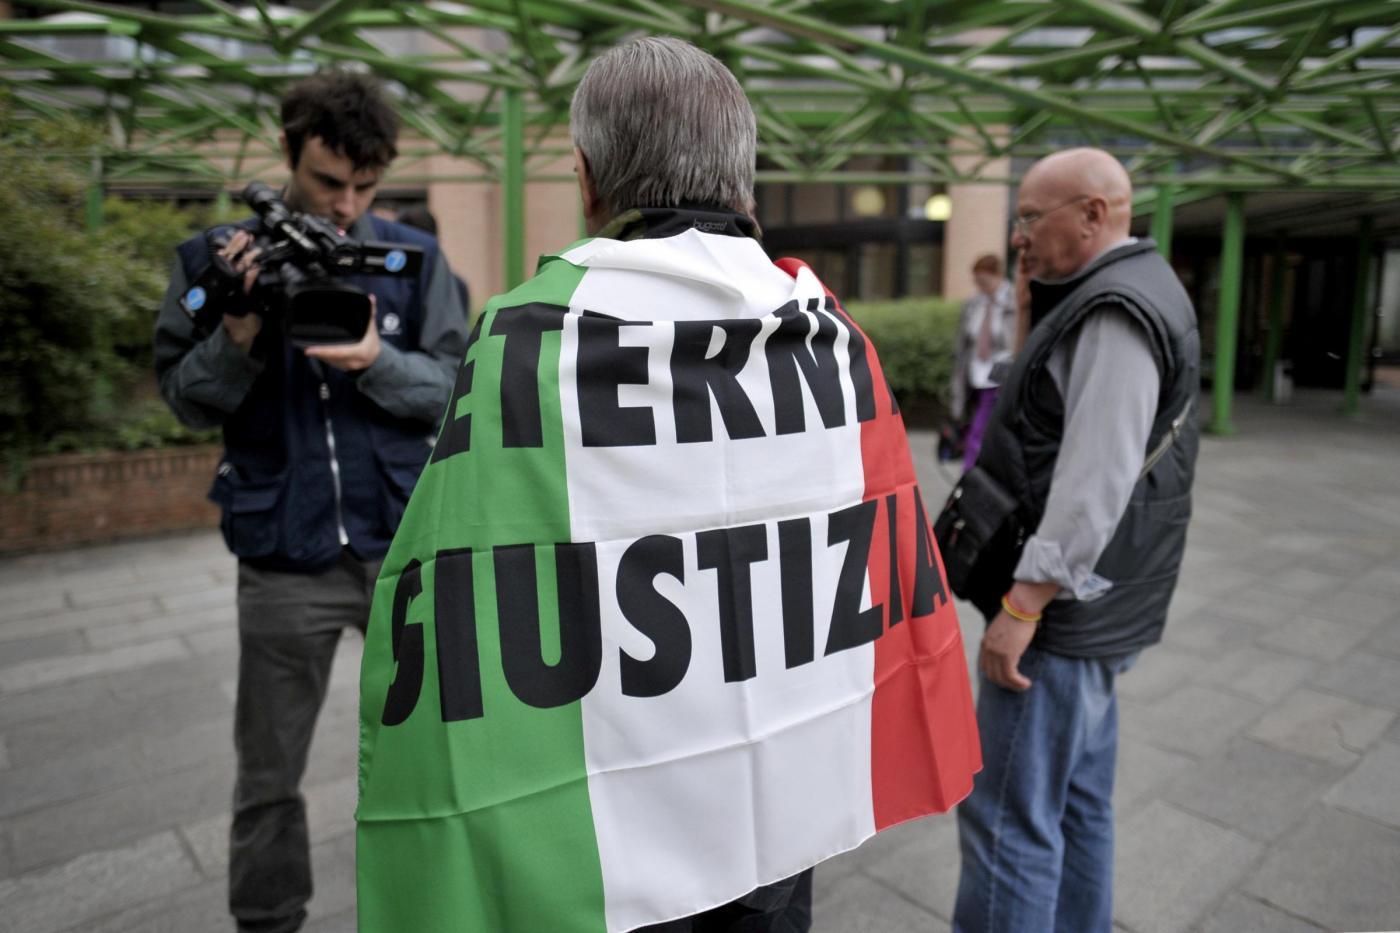 Scandalo Eternit, storia di una vergogna italiana dal processo alle vittime